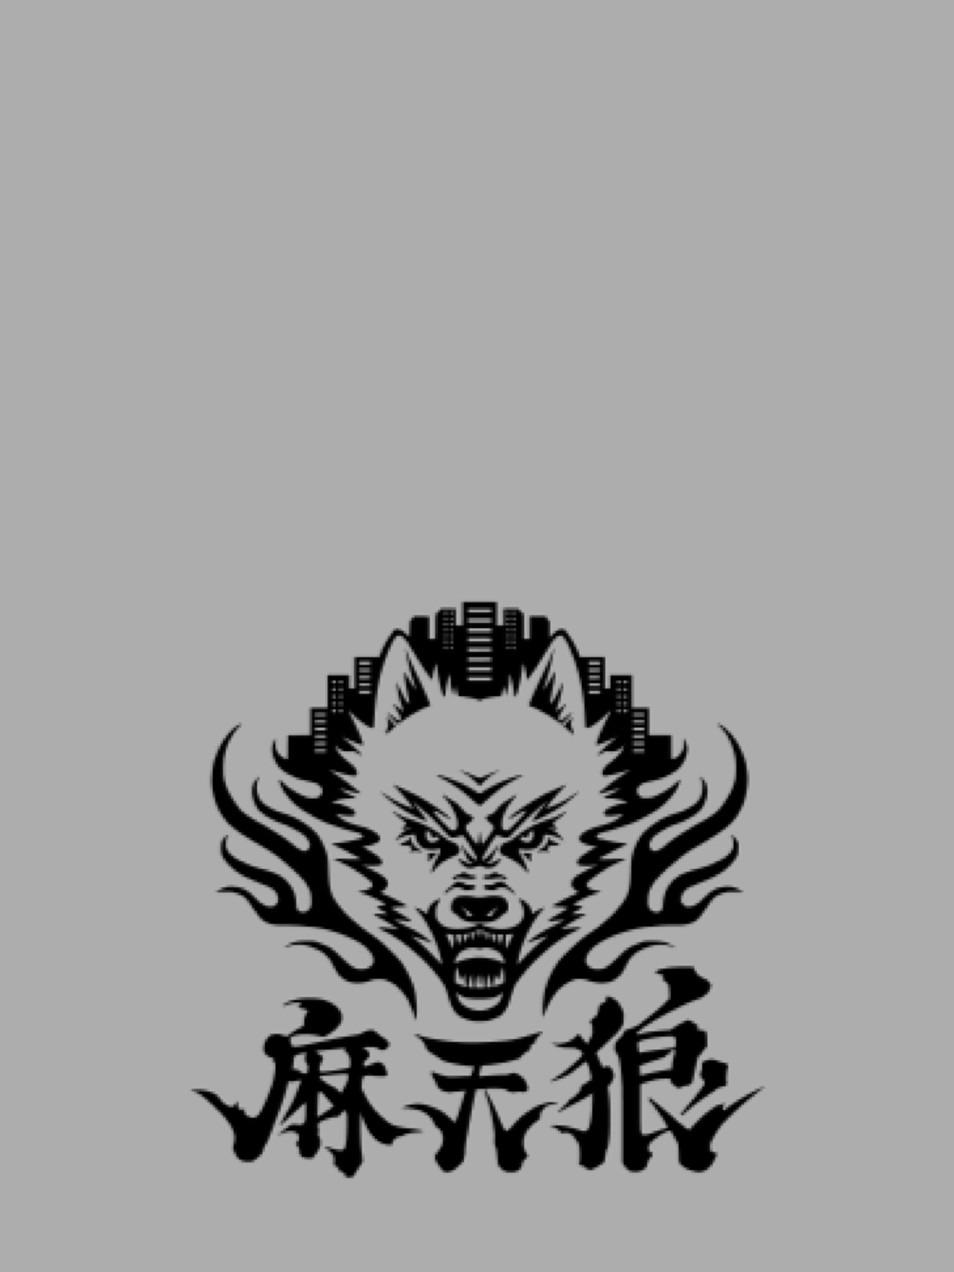 ヒプノシスマイク (シンジュク)